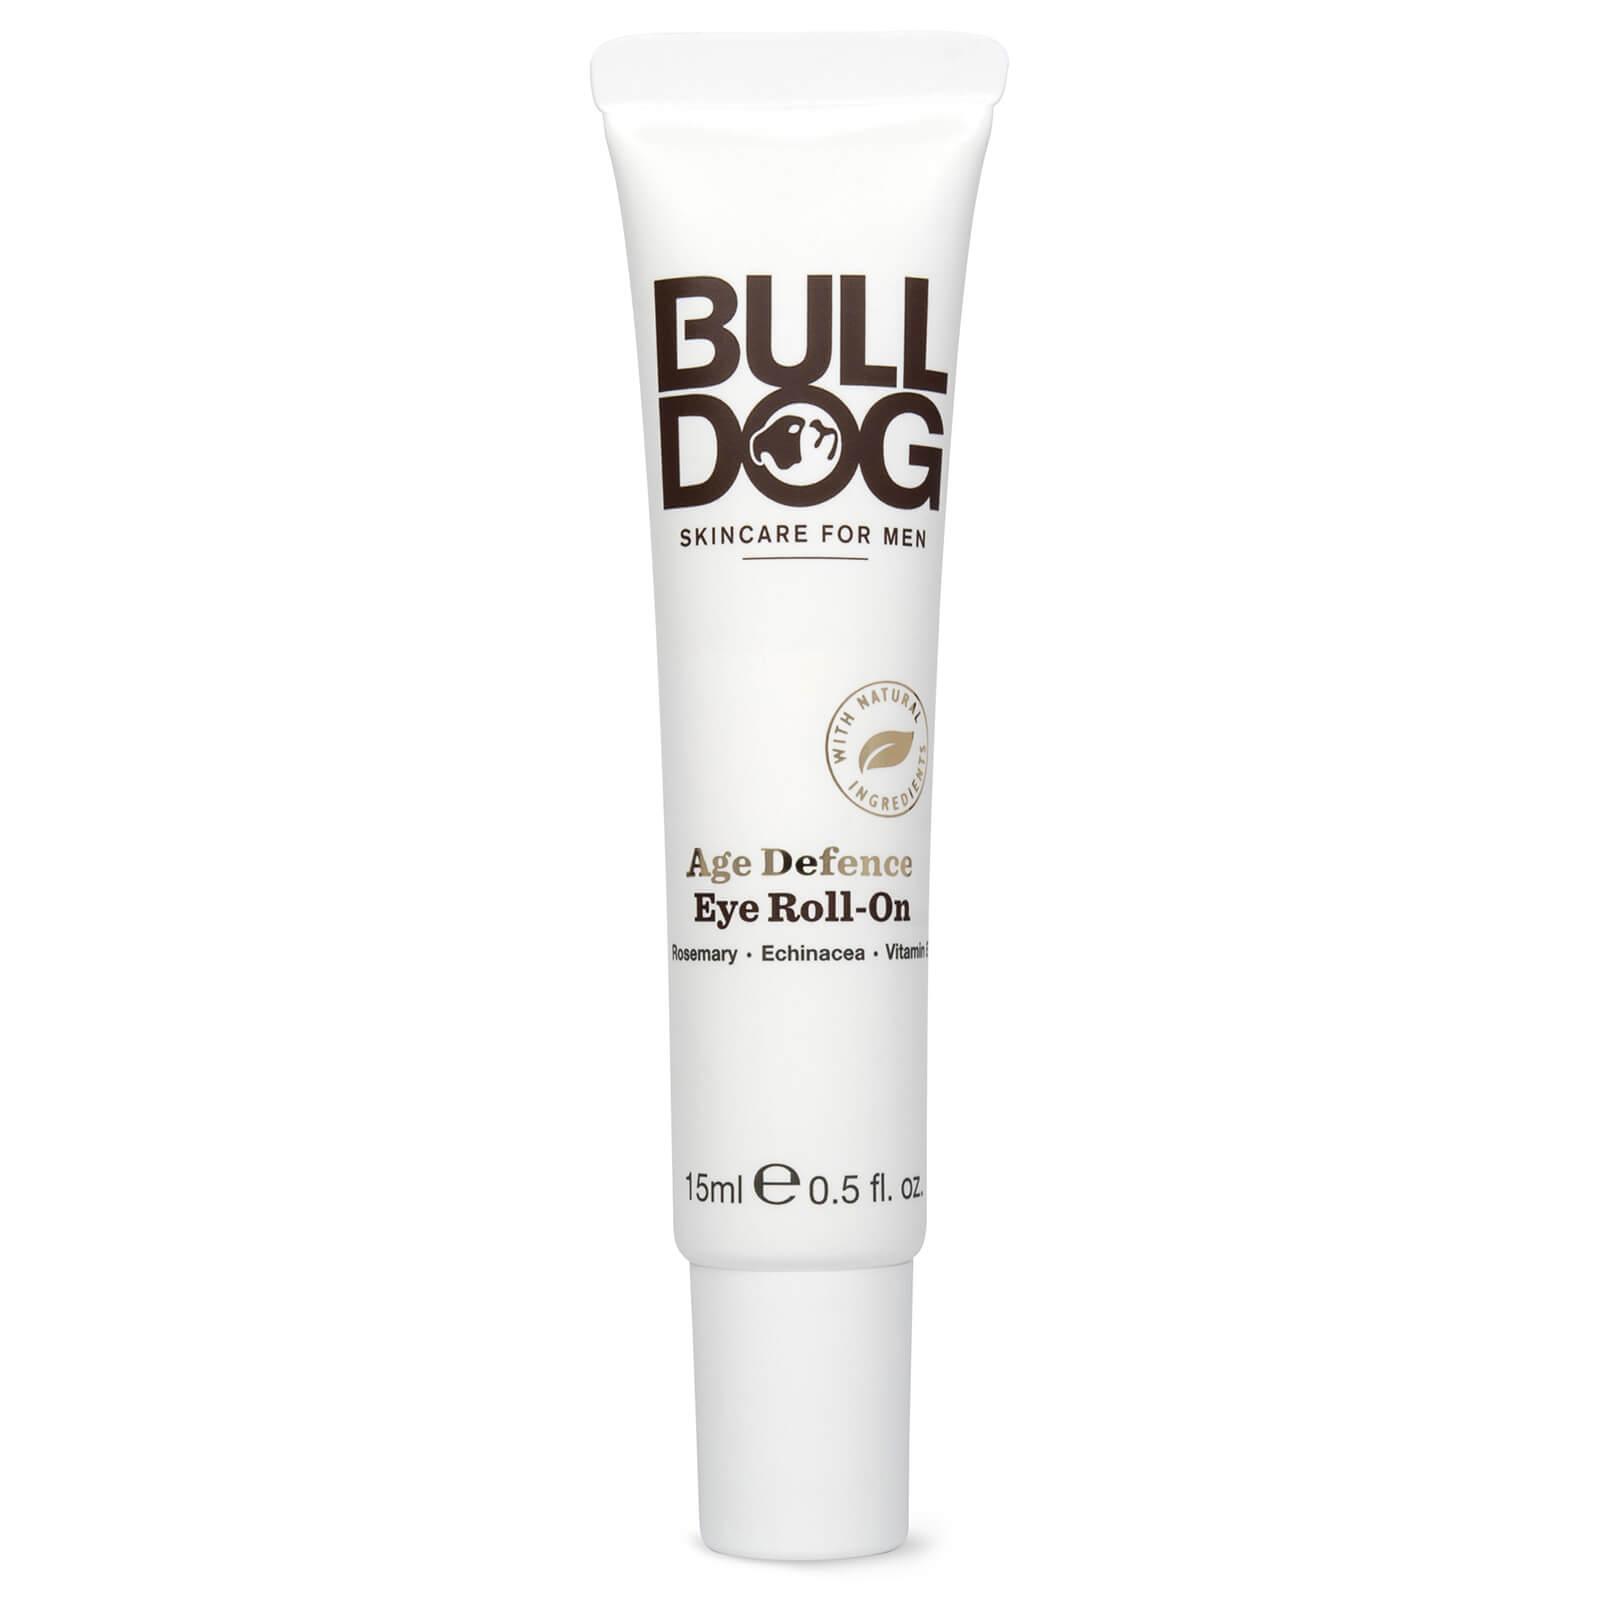 Купить Омолаживающее средство для кожи вокруг глаз с роликовым аппликатором для мужчин Bulldog Age Defence Eye Roll-On 15мл